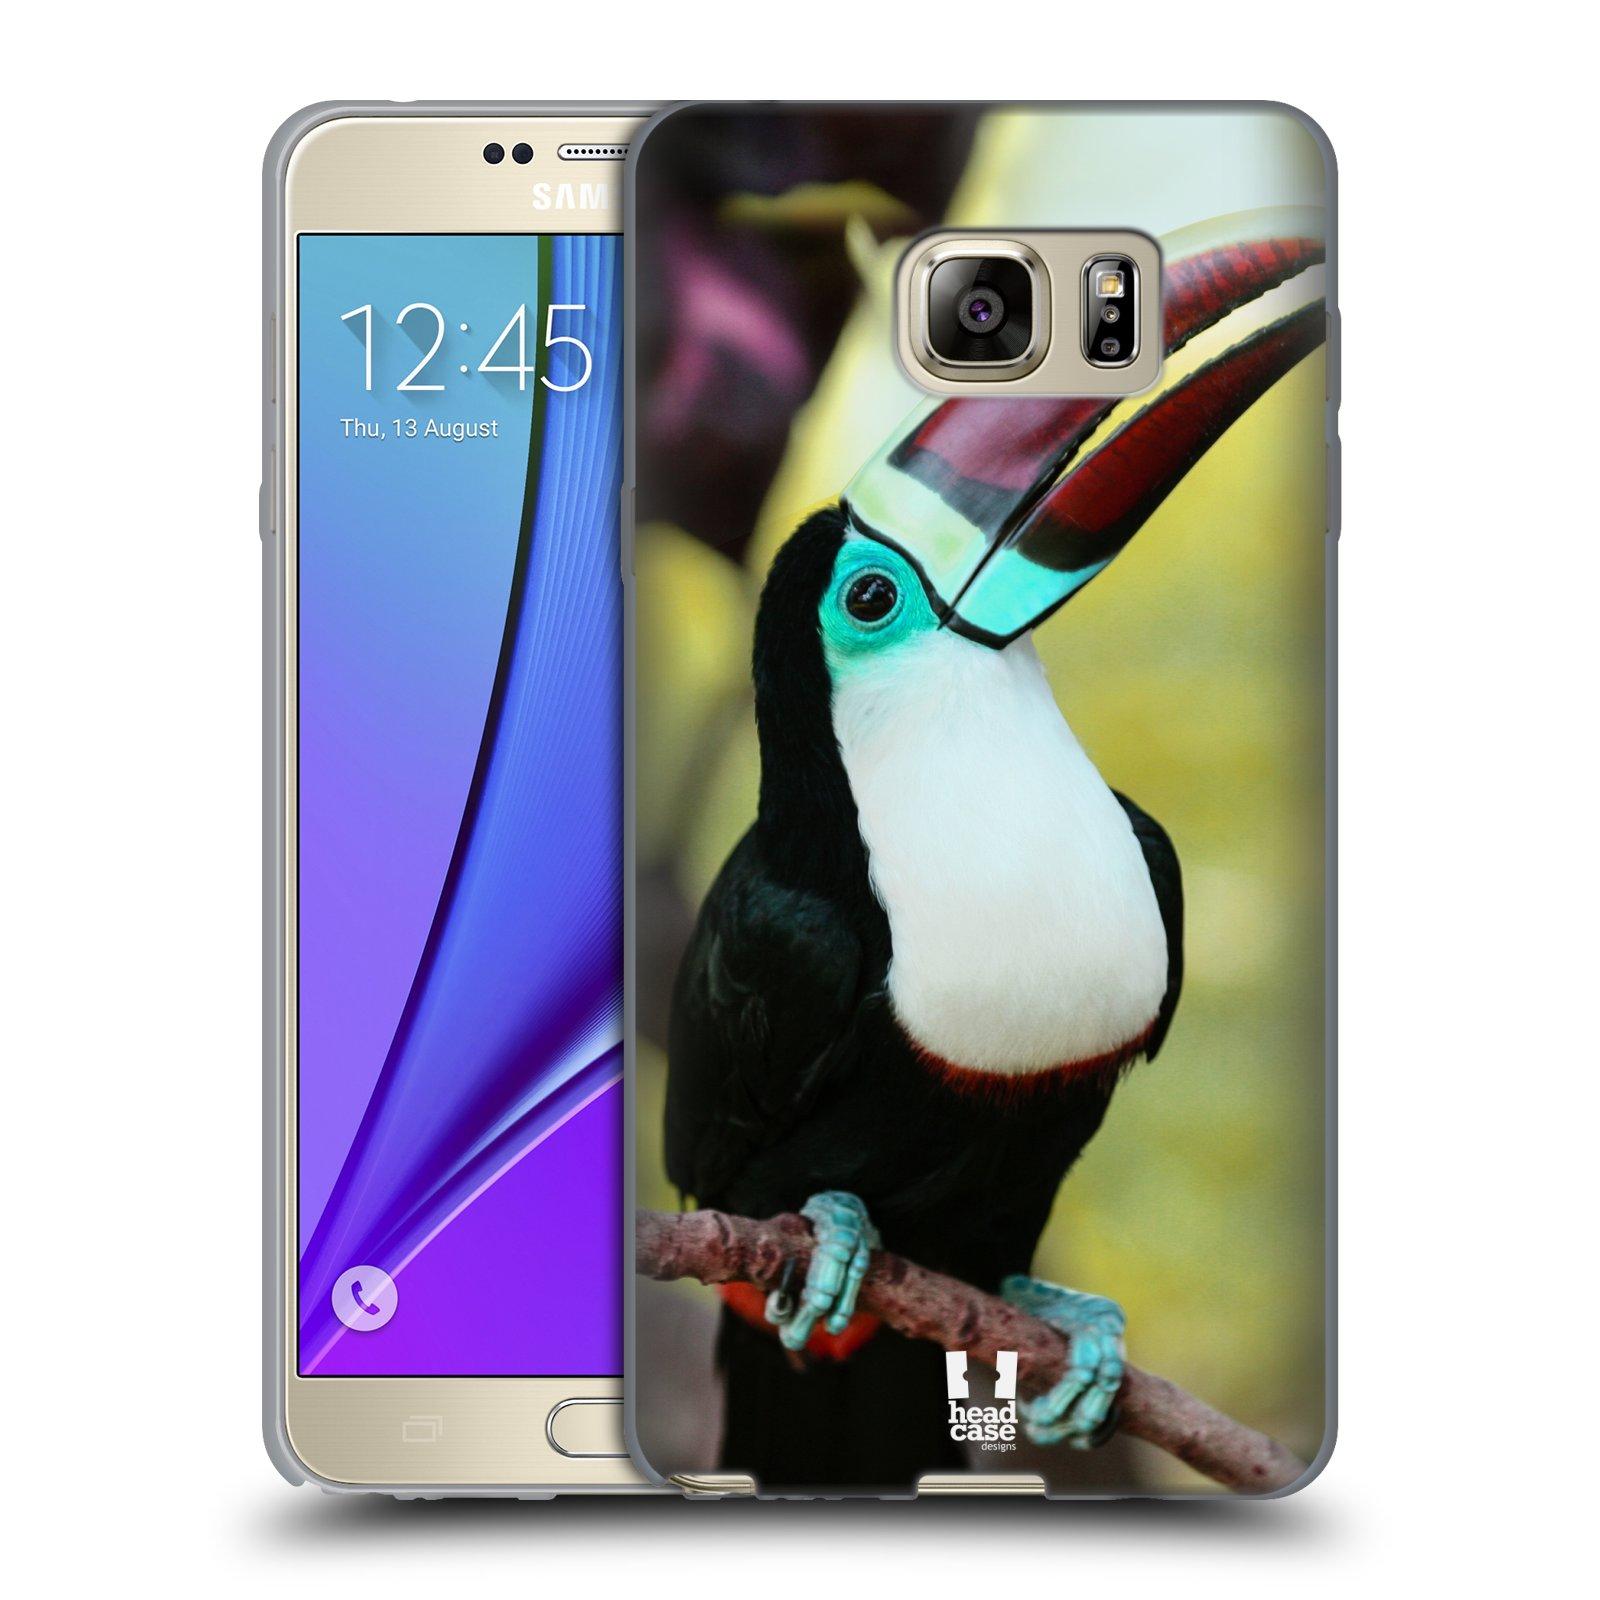 HEAD CASE silikonový obal na mobil Samsung Galaxy Note 5 (N920) vzor slavná zvířata foto tukan